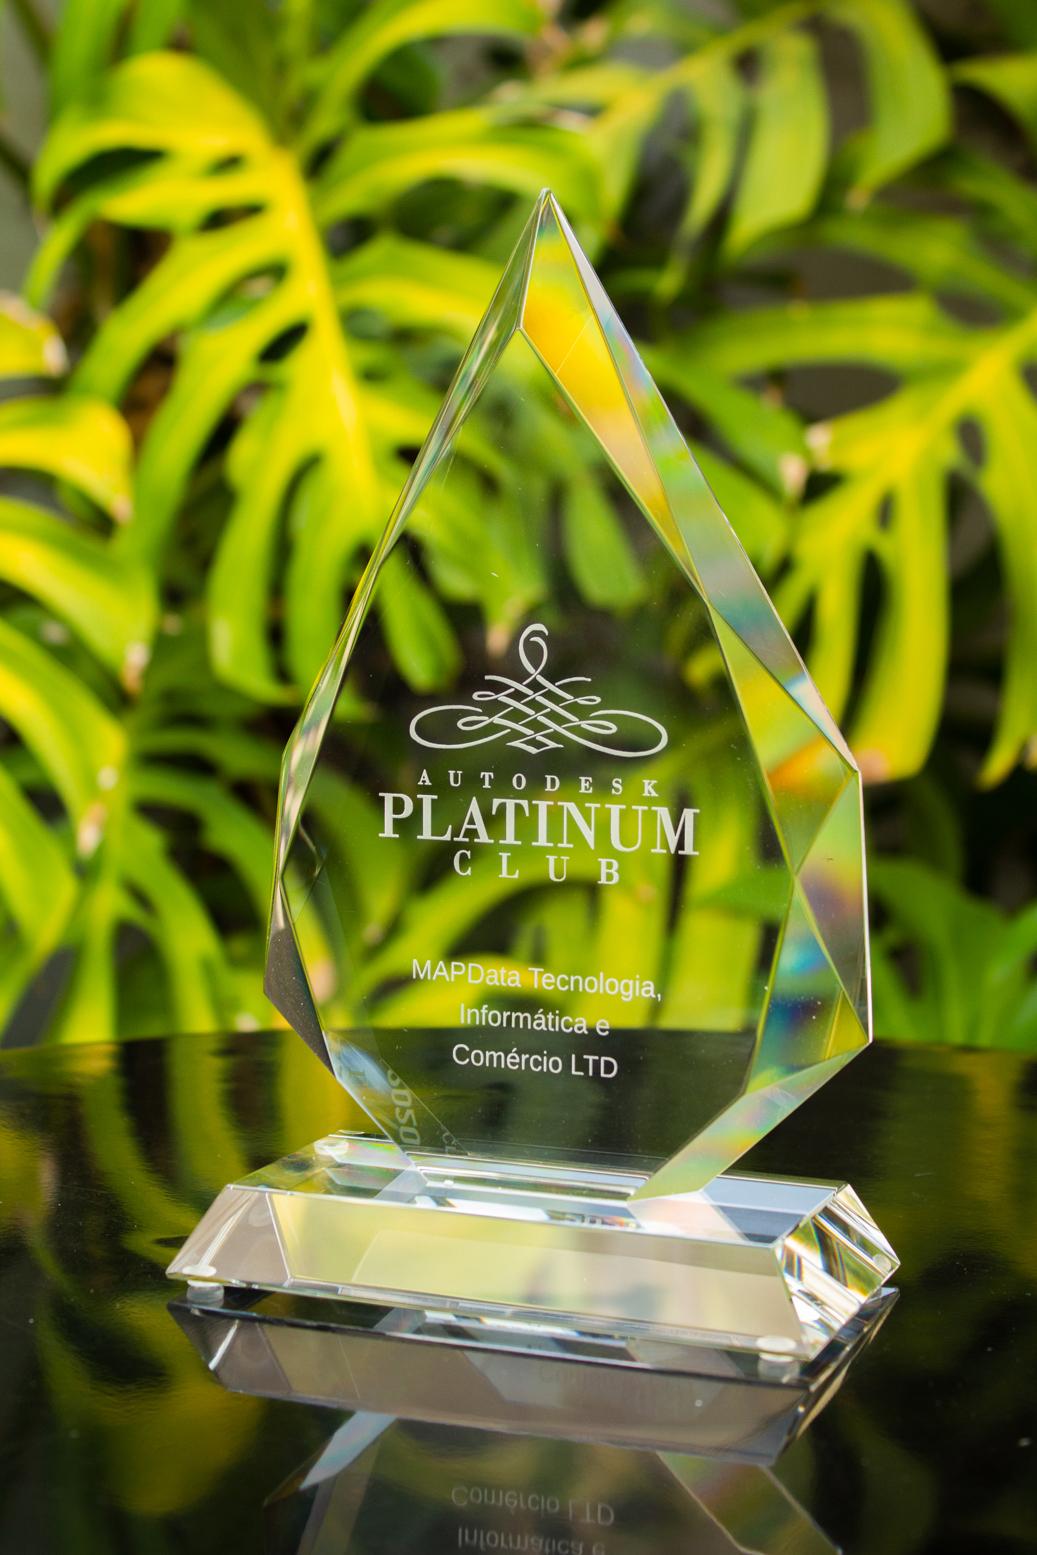 MAPData prestigiada mais uma vez com prêmio Autodesk